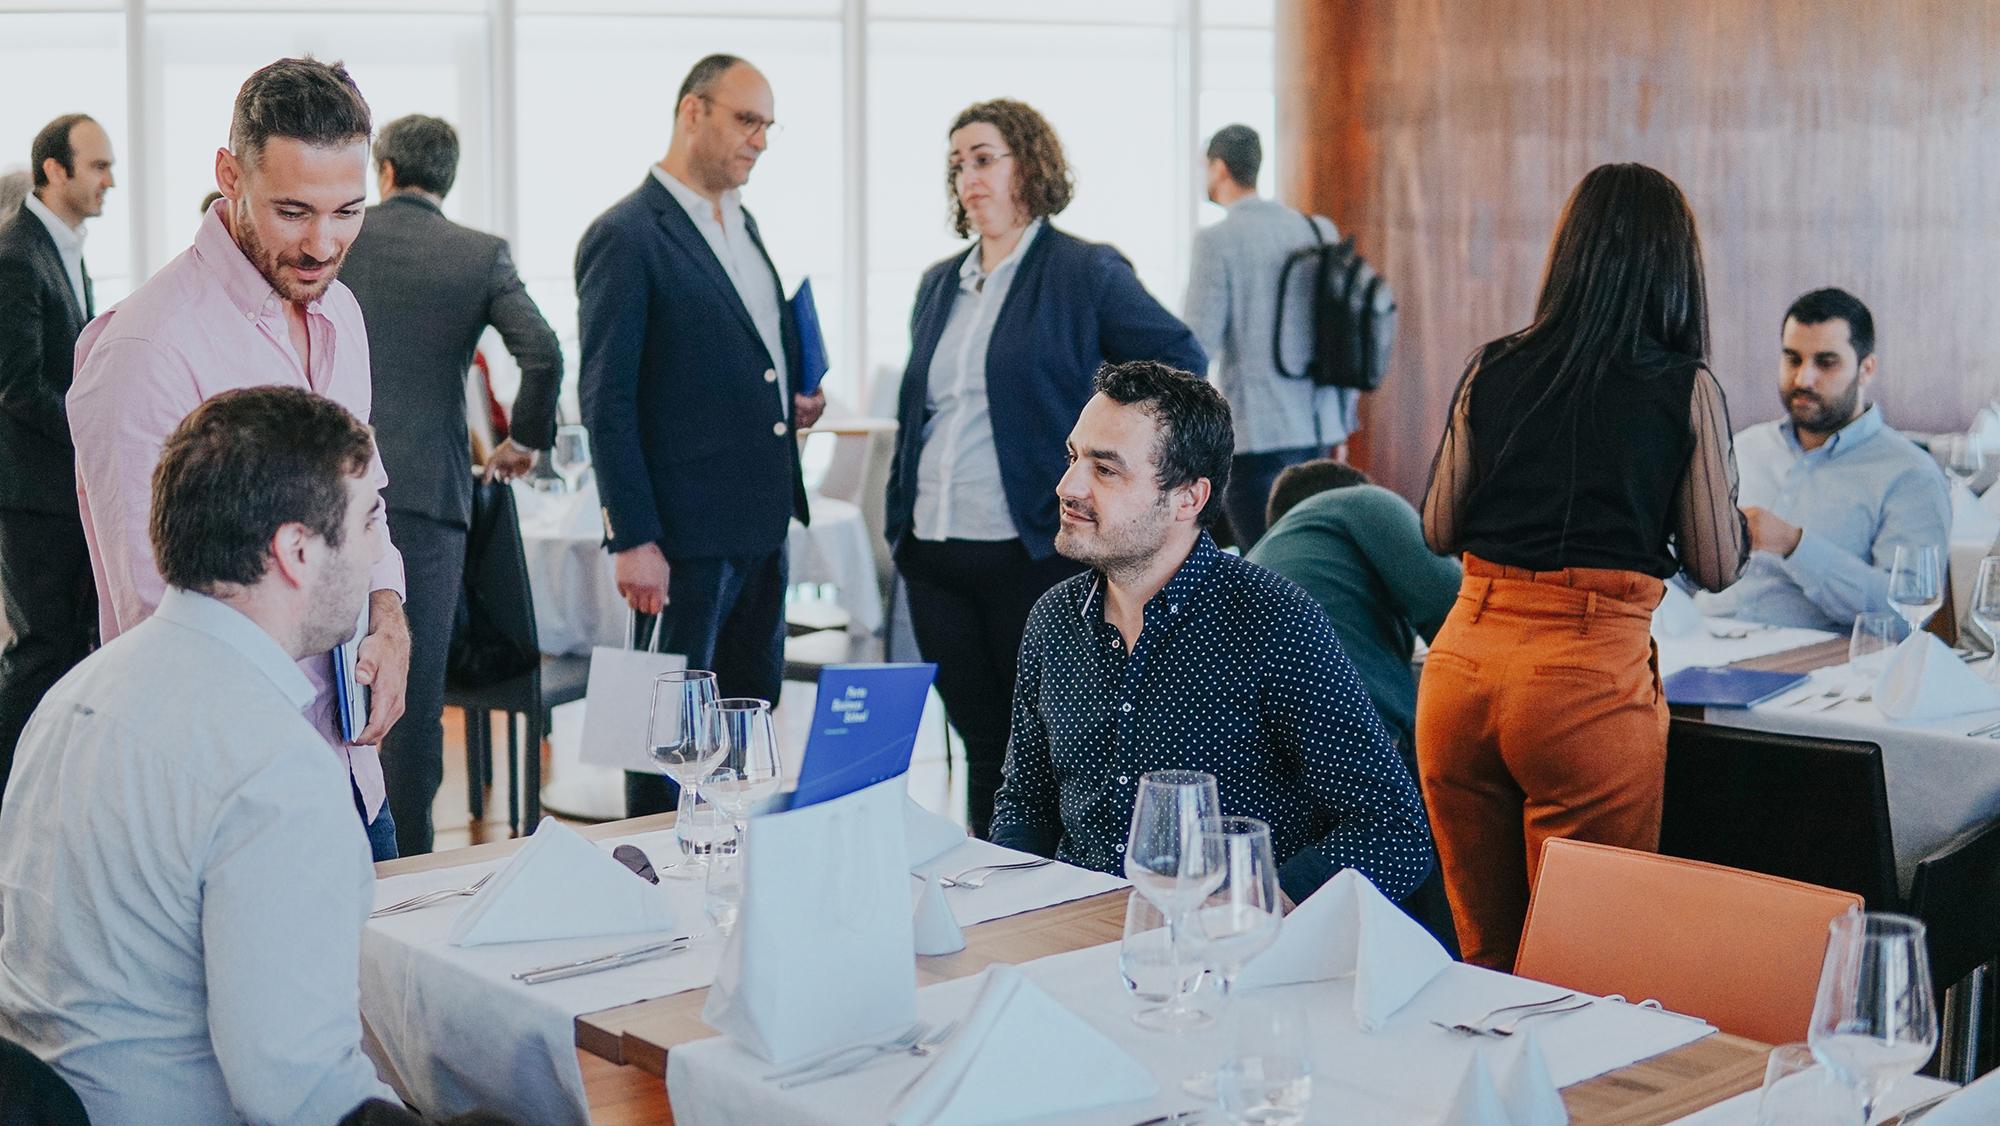 Na Sessão de Encerramento do curso, que decorreu no dia 27 de Março no Eurostars Oasis Plaza, na Figueira da Foz, foram entregues os diplomas do curso. No final, os participantes confraternizaram num almoço-convívio